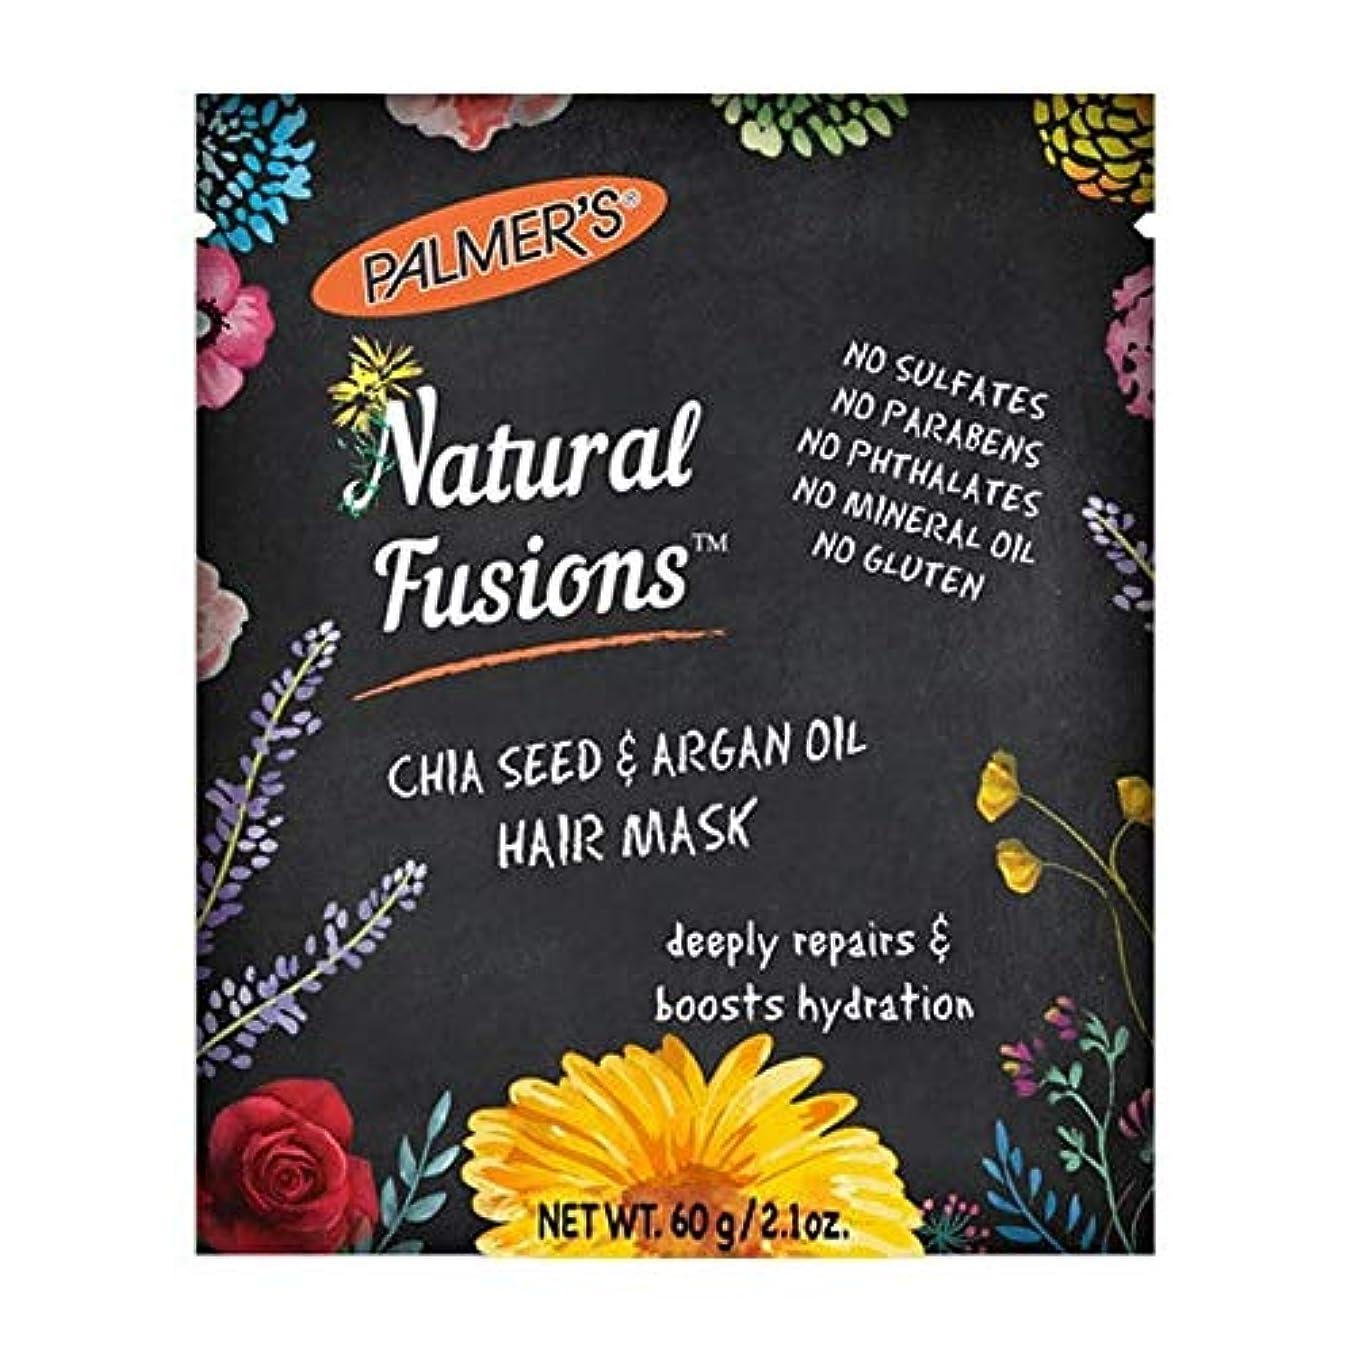 あえて配置取り壊す[Palmer's ] パーマーの自然な融合チアシード&アルガンオイルヘアマスク60グラム - Palmer's Natural Fusions Chia Seed & Argan Oil Hair Mask 60g [...